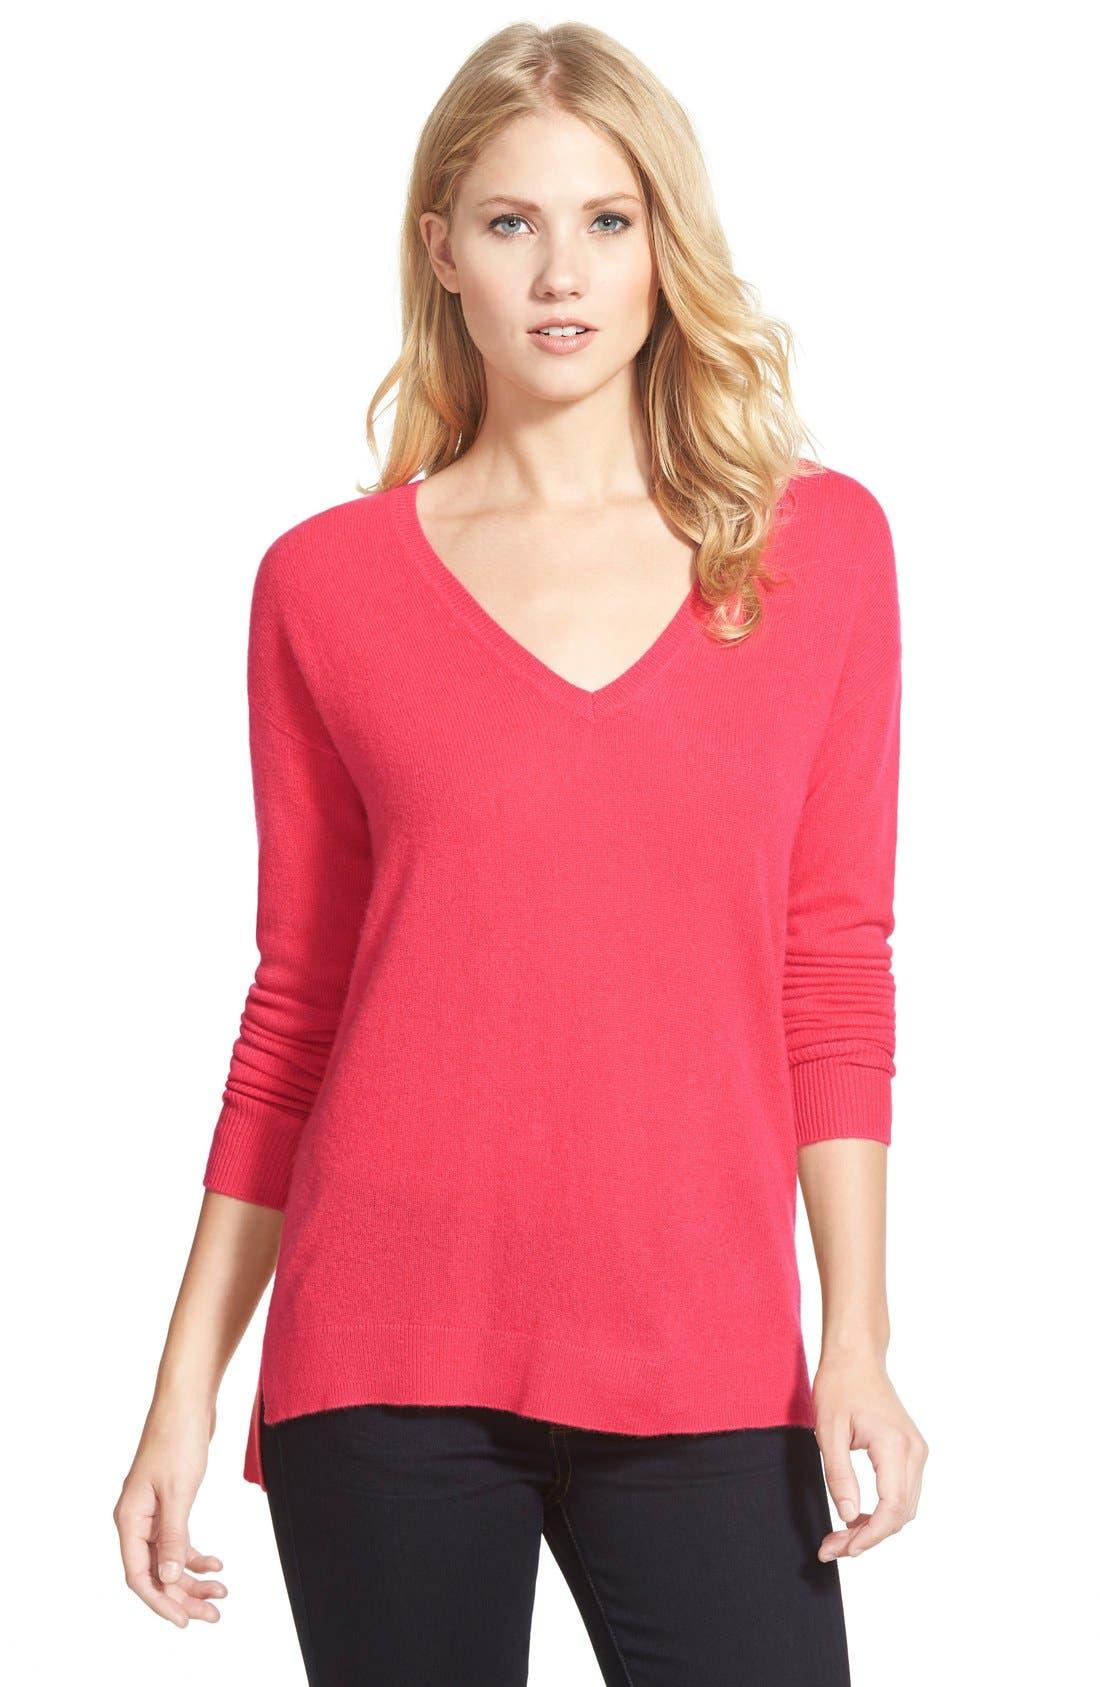 Alternate Image 1 Selected - Halogen® V-Neck Lightweight Cashmere Sweater (Regular & Petite)